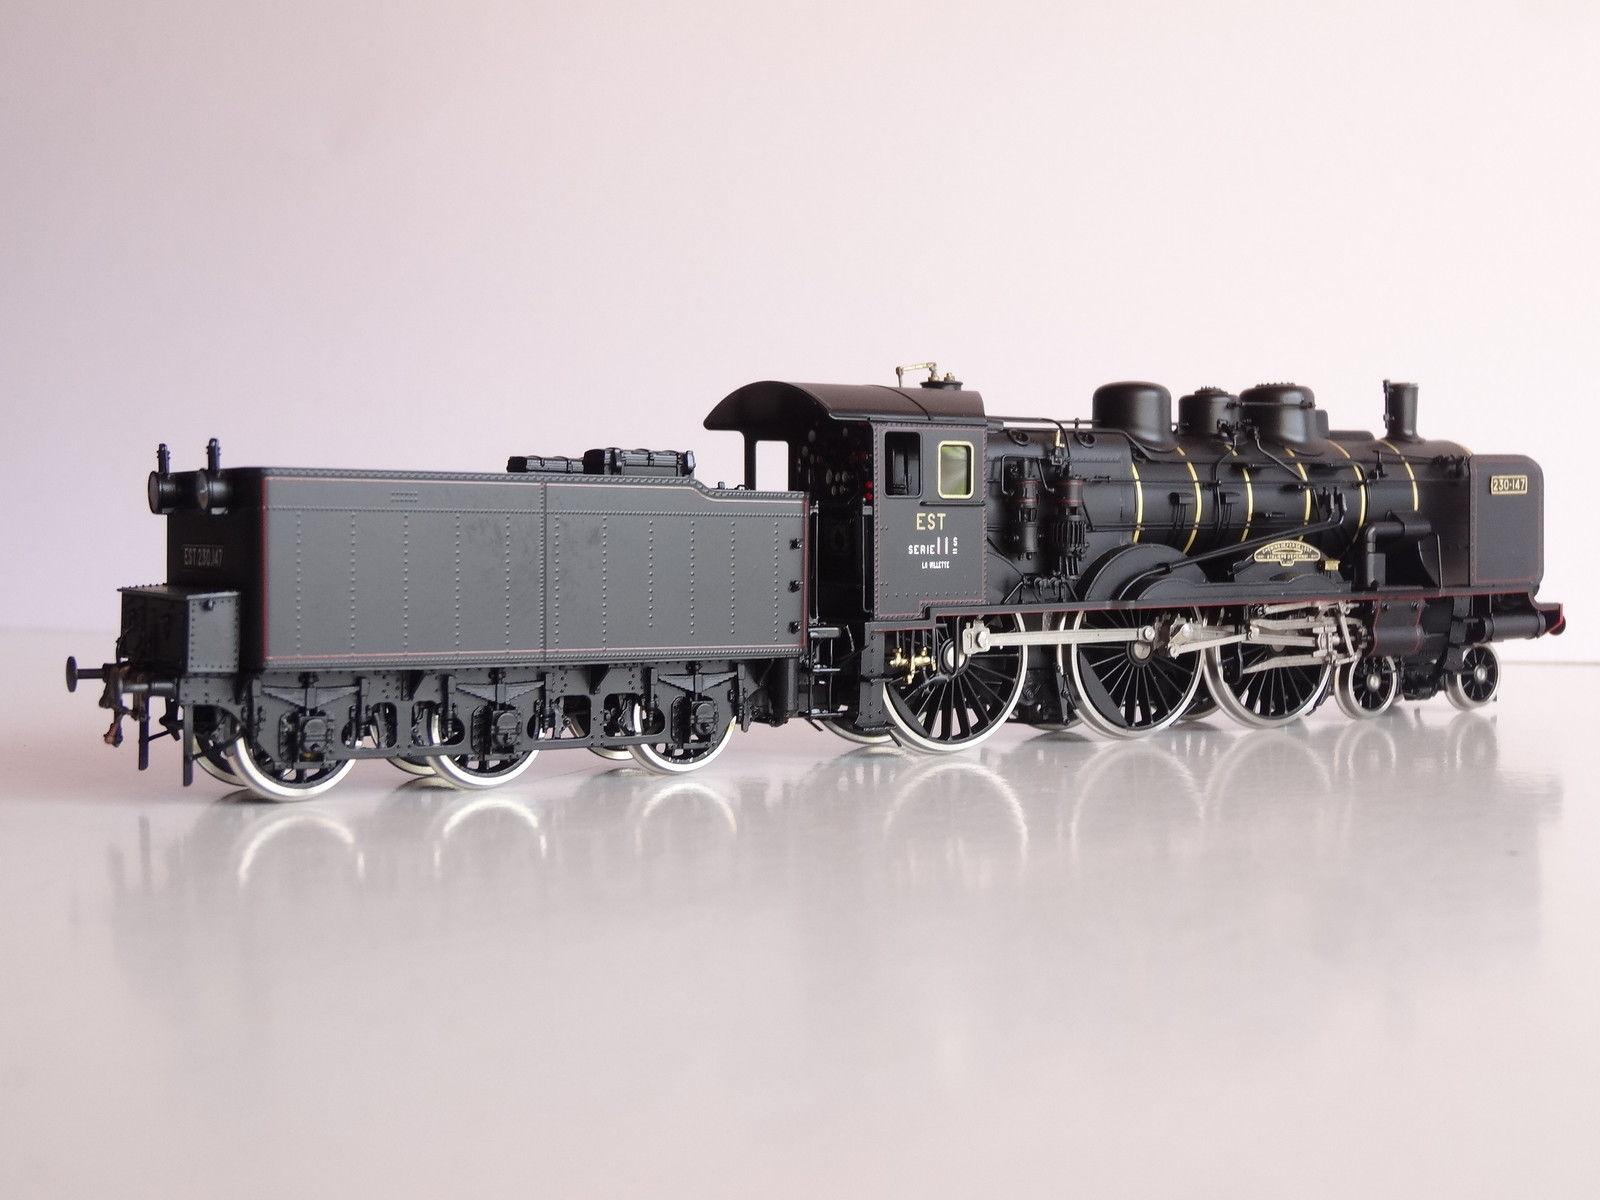 画像2: 鉄道模型 フルグレックス Fulgurex 2229 French EST 230-147 蒸気機関車 HOゲージ